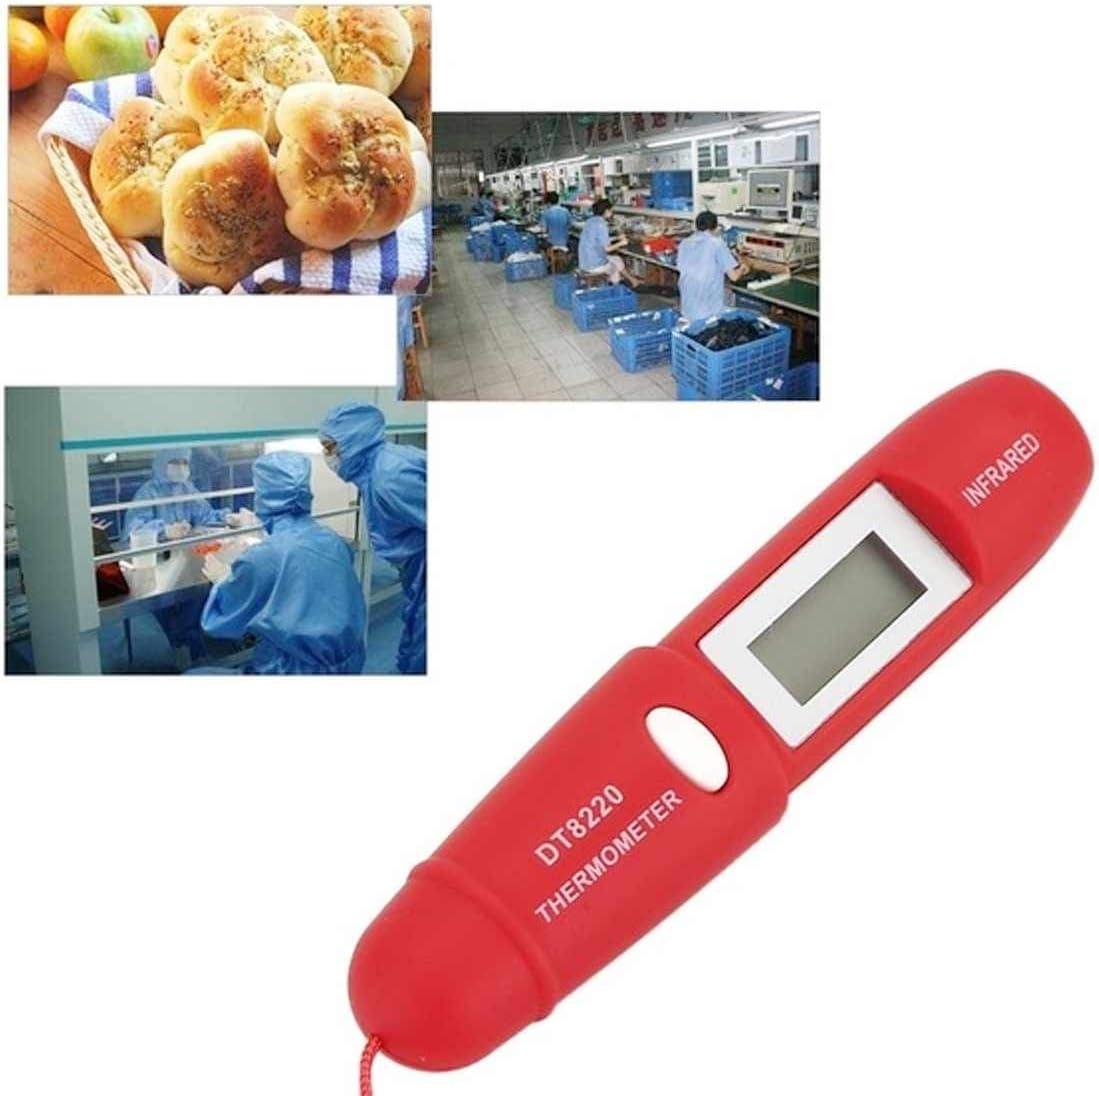 Zerkosvort DT8220 Stift Thermometer ber/ührungslose Thermometer Pistole Infrarot elektronisches Thermometer